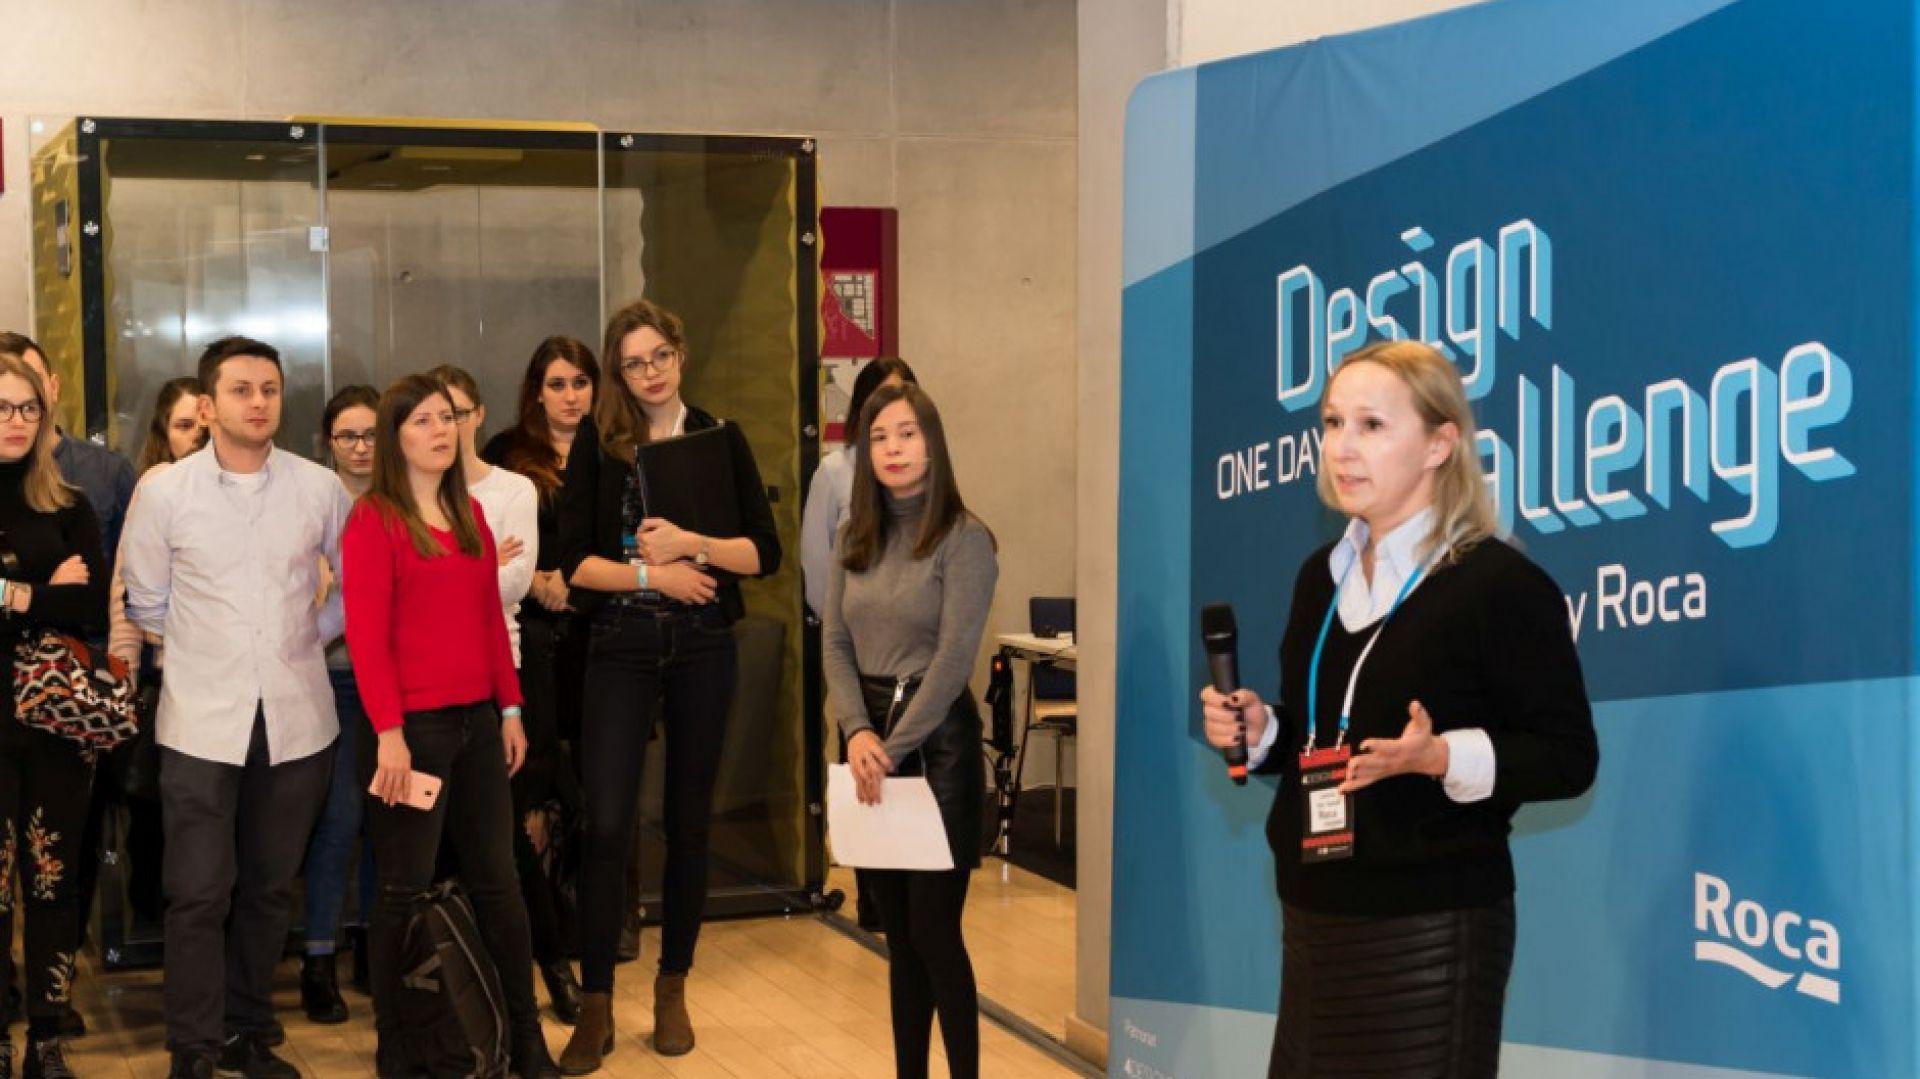 Uroczyste ogłoszenie wyników i wręczenie nagród odbyło się o 26 stycznia br. w Międzynarodowym Centrum Kongresowym w Katowicach podczas 4 Design Days. Fot. Roca Polska, Krzysztof Matuszyński